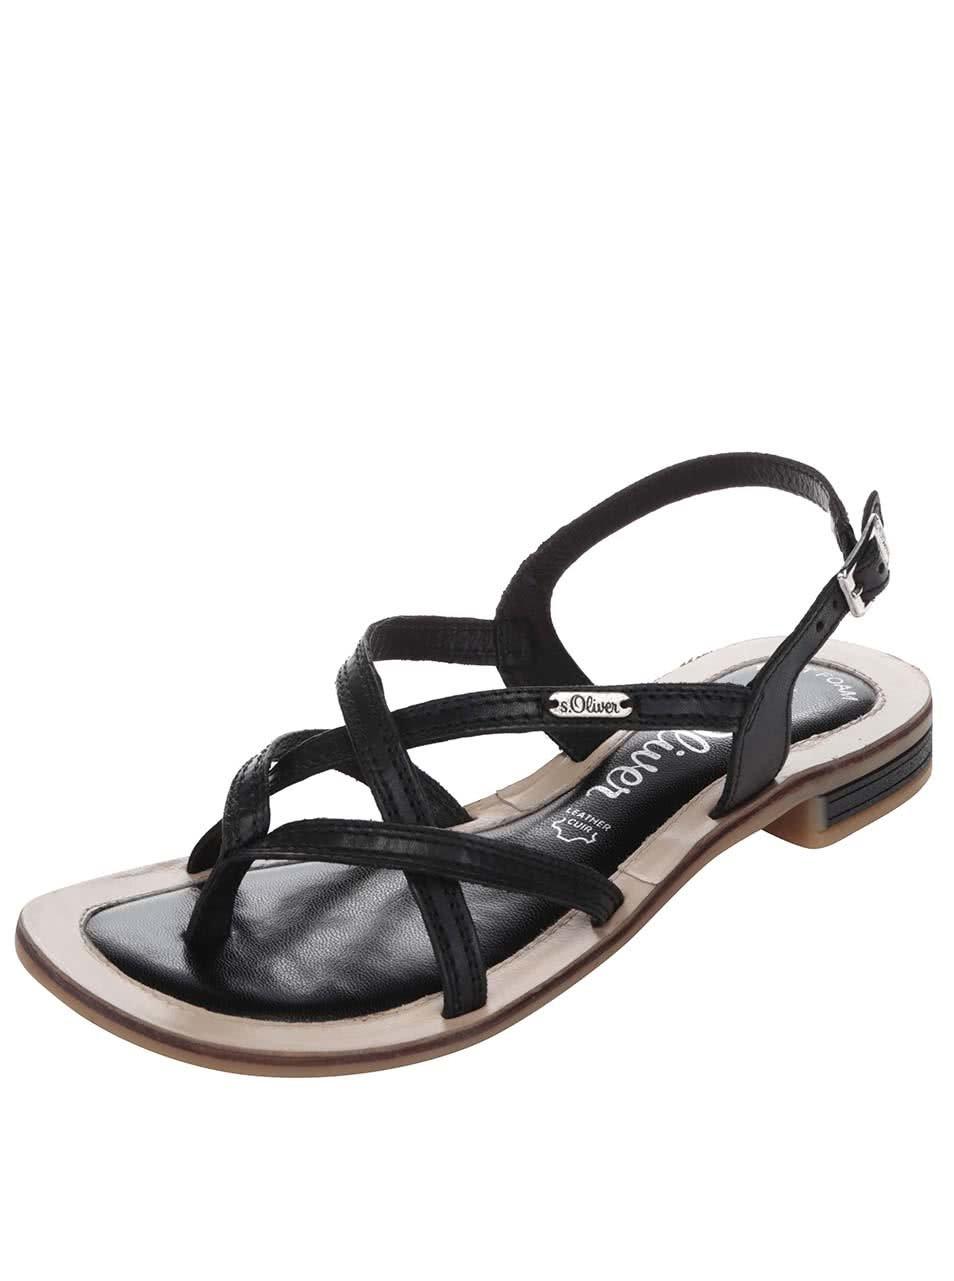 58cc8c298ad0 Čierne kožené dámske sandále s tenkou podrážkou s.Oliver